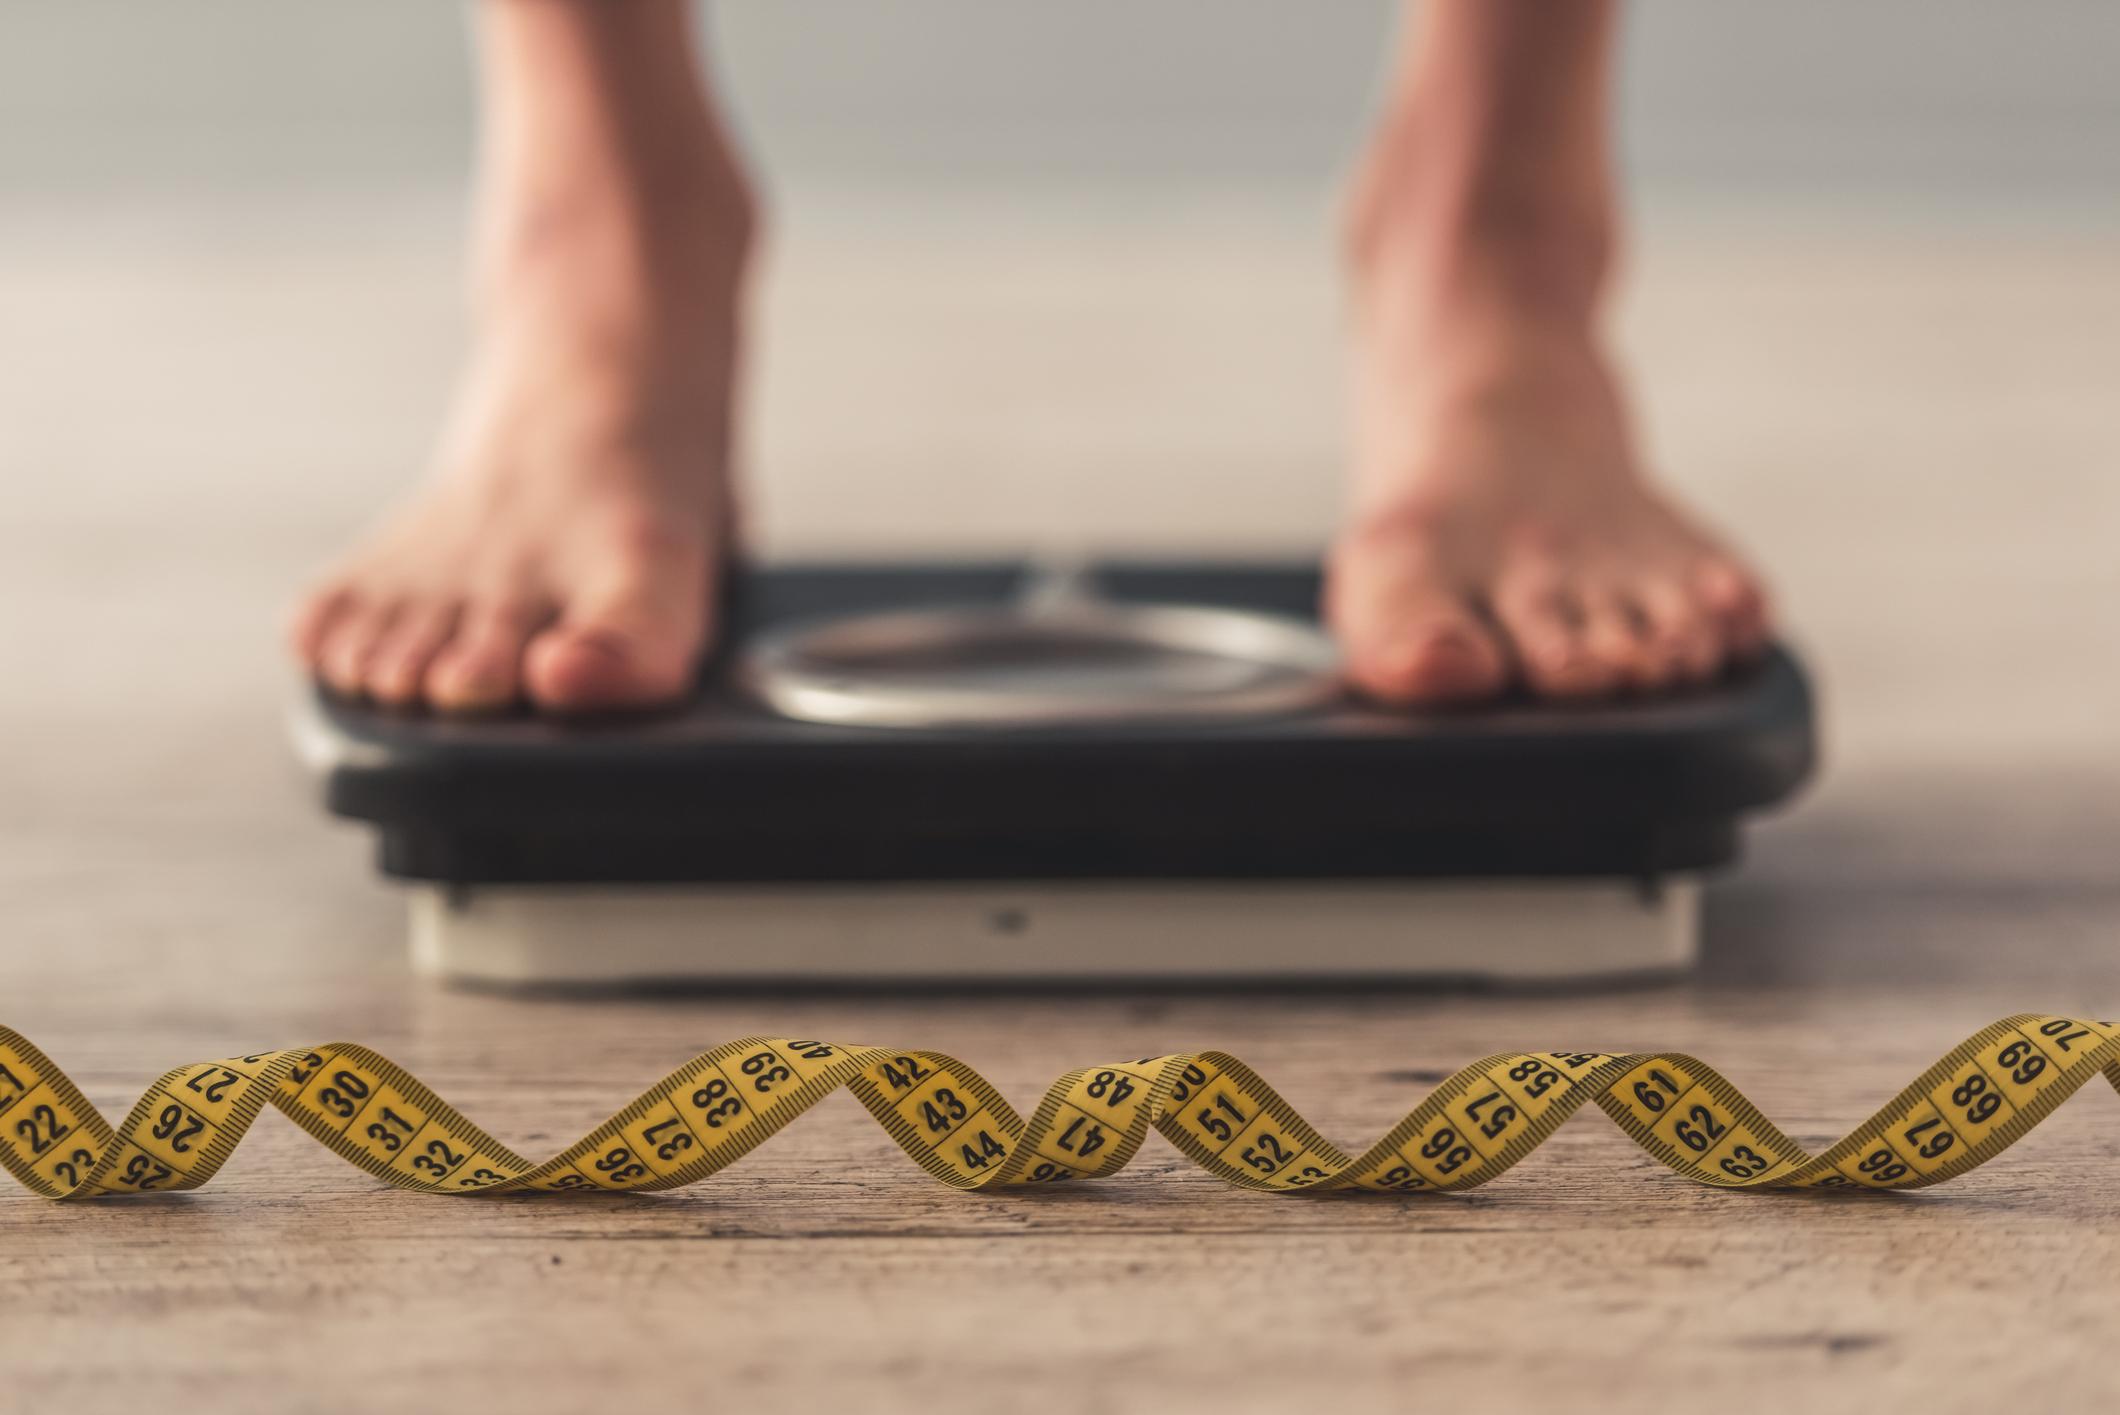 halifax pierdere în greutate pierdere de grăsime jankari